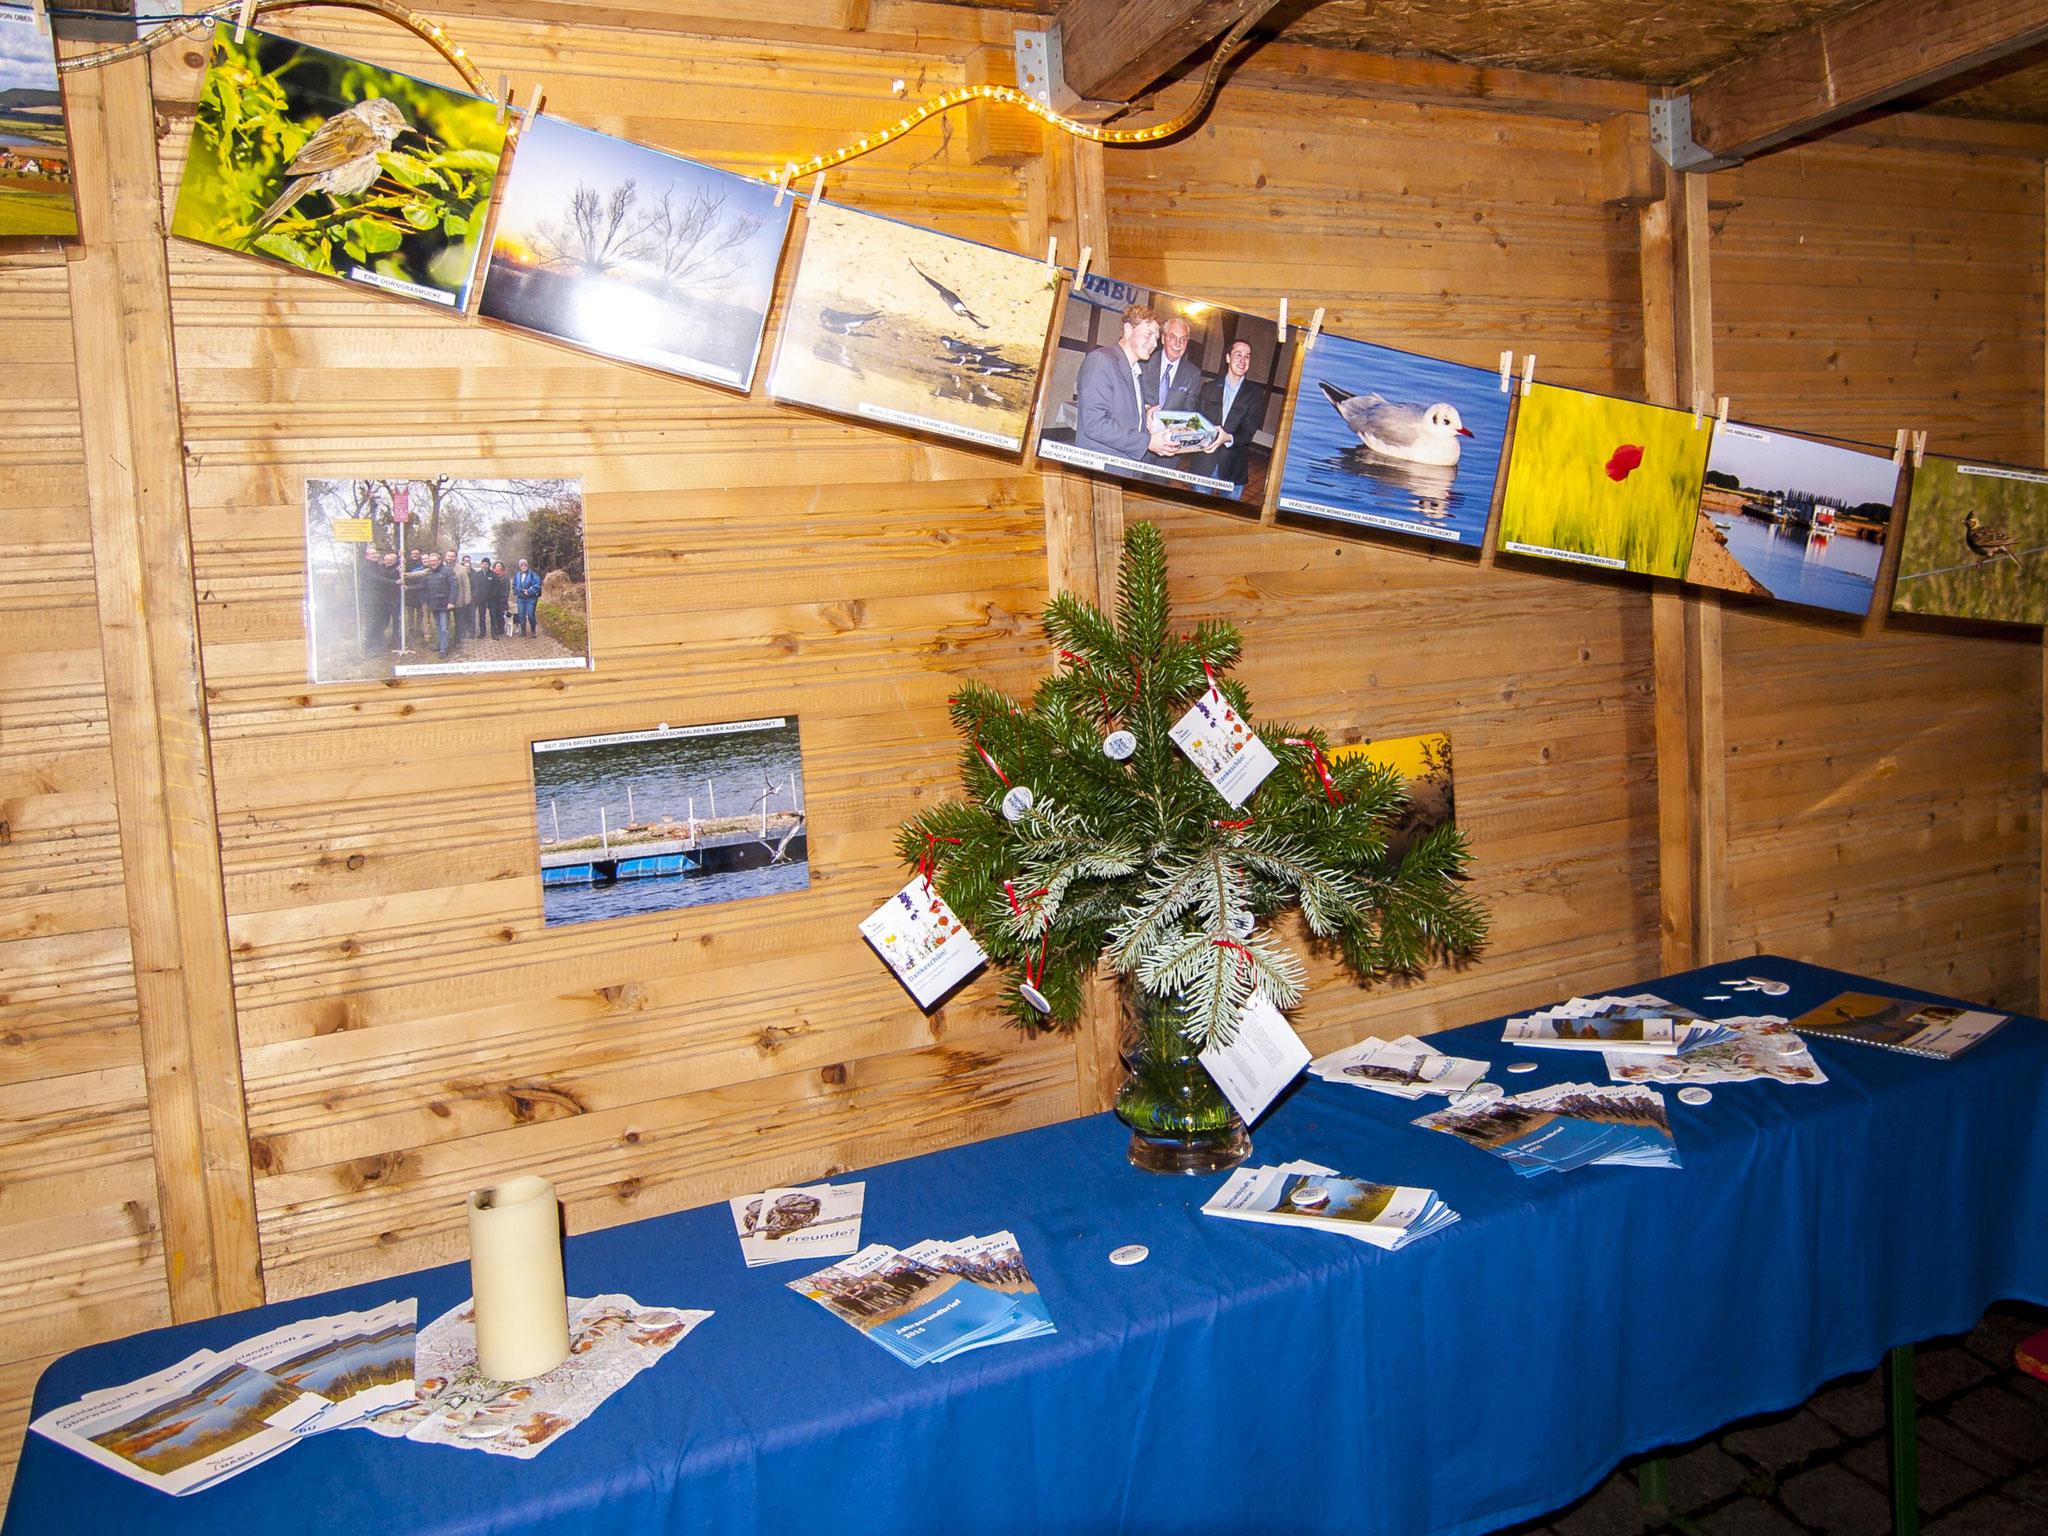 Der Informations-Tisch. - Foto: Kathy Büscher